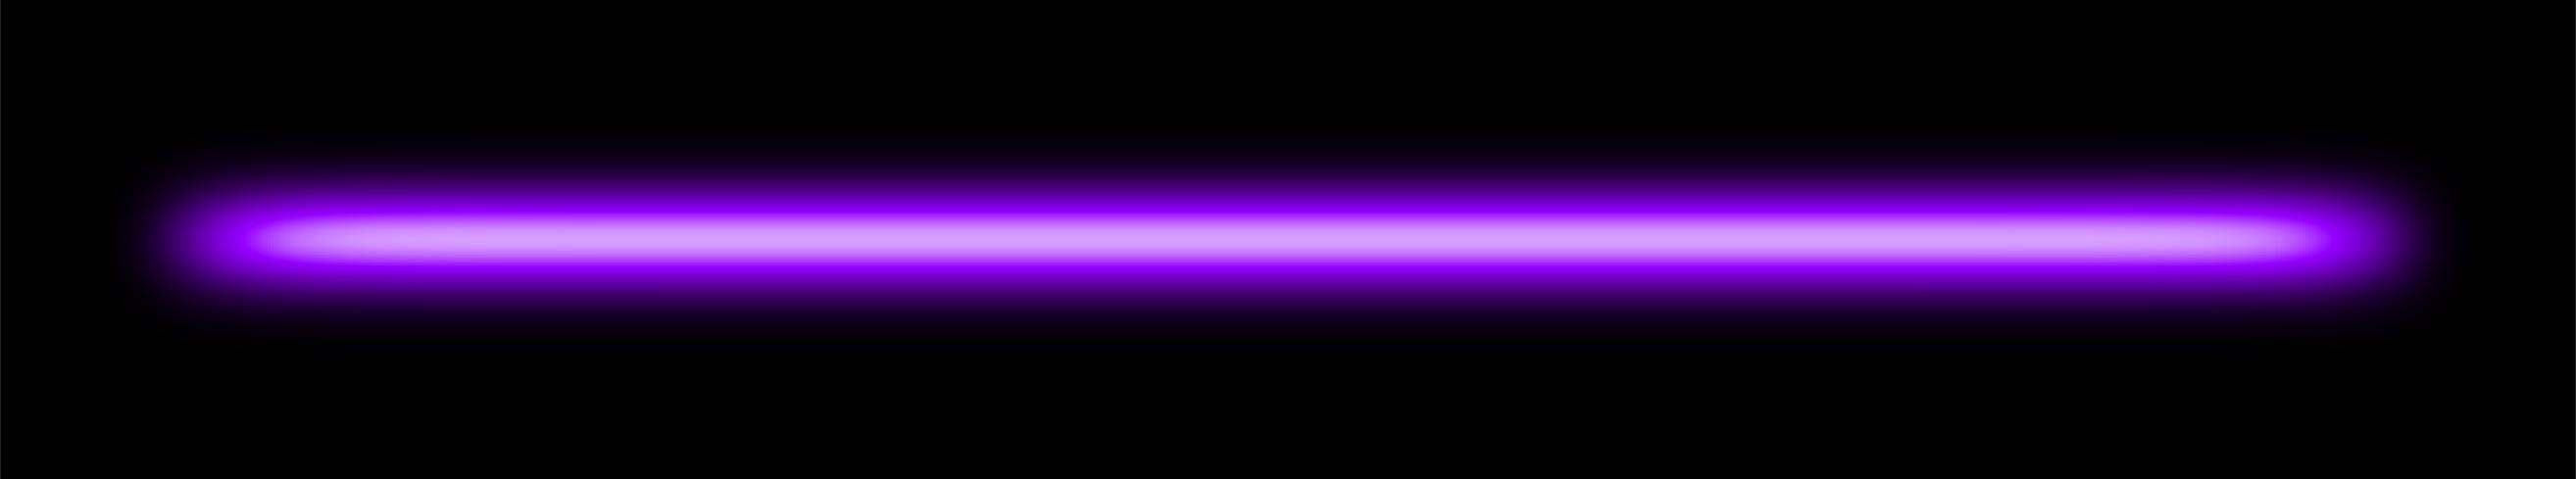 405 nm (purple) uniform laser line